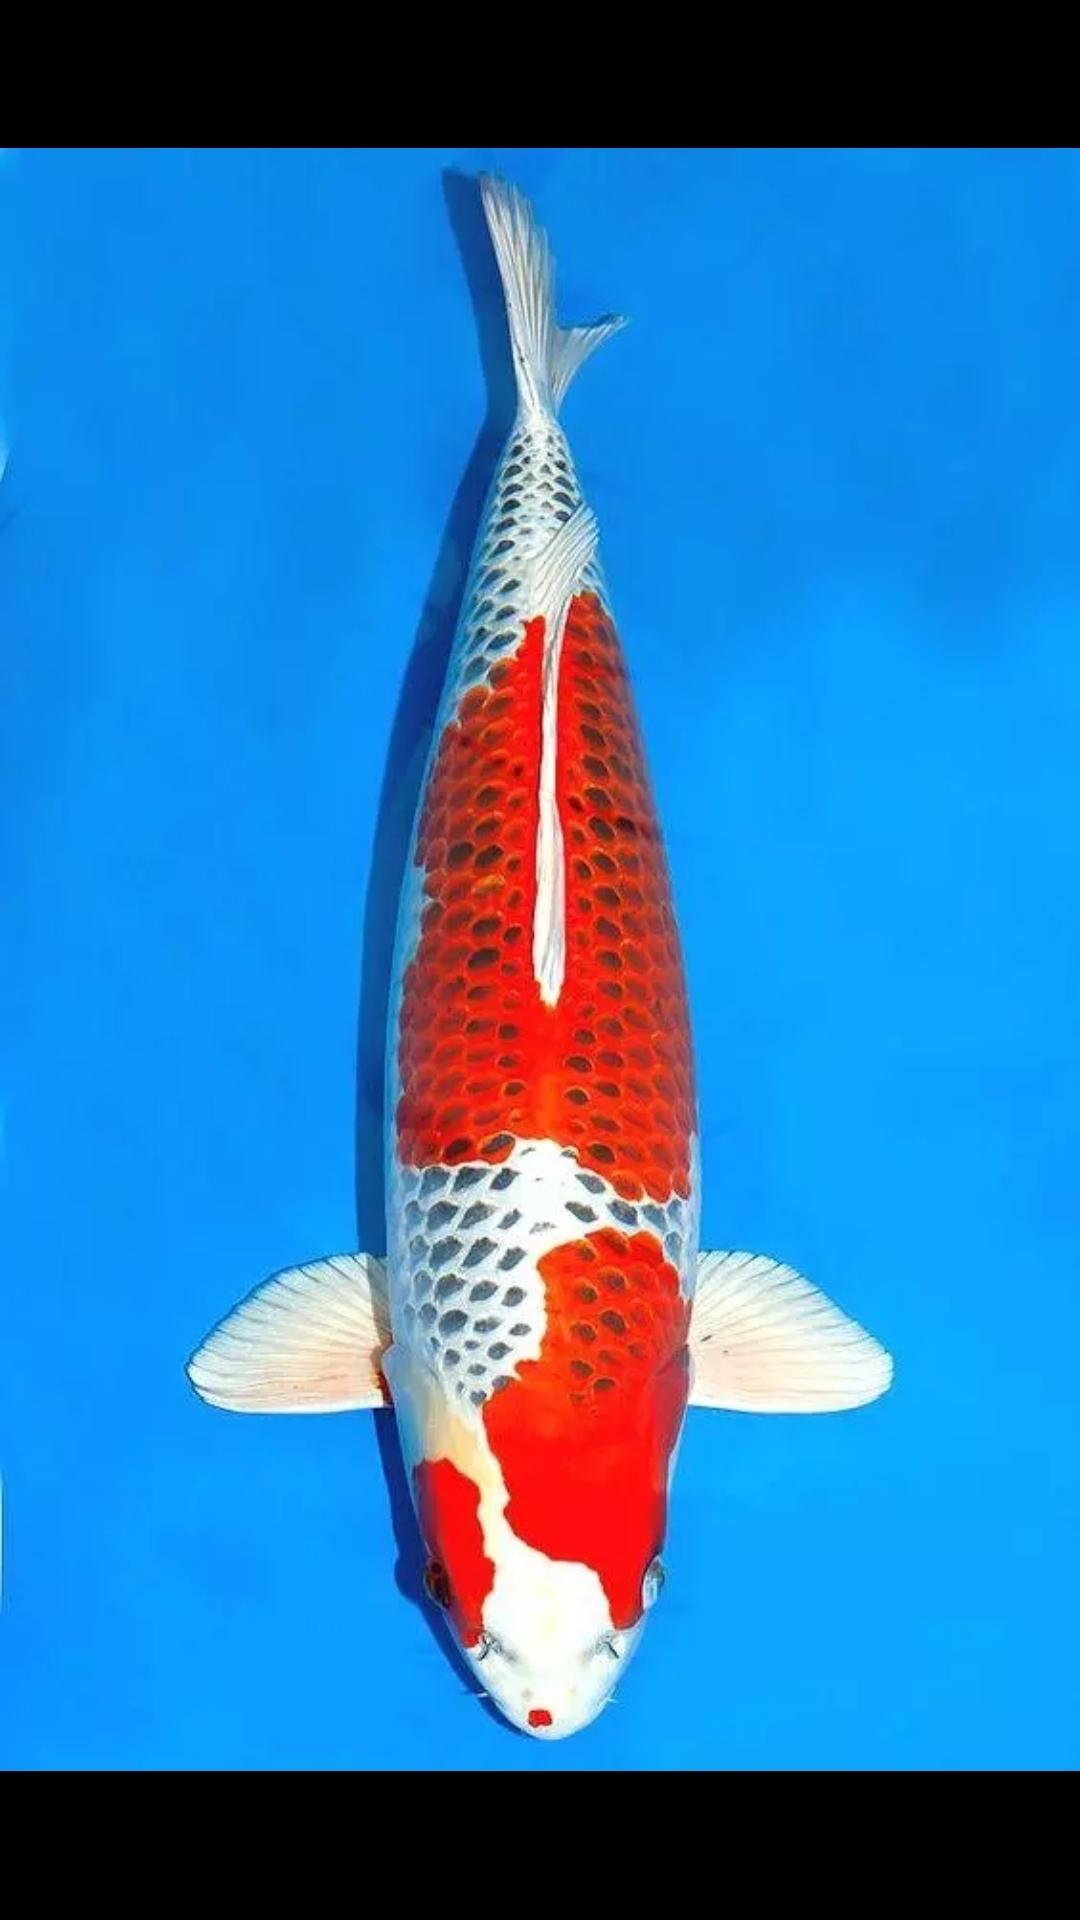 【西安白子魟鱼】锦鲤第八篇 西安观赏鱼信息 西安博特第3张